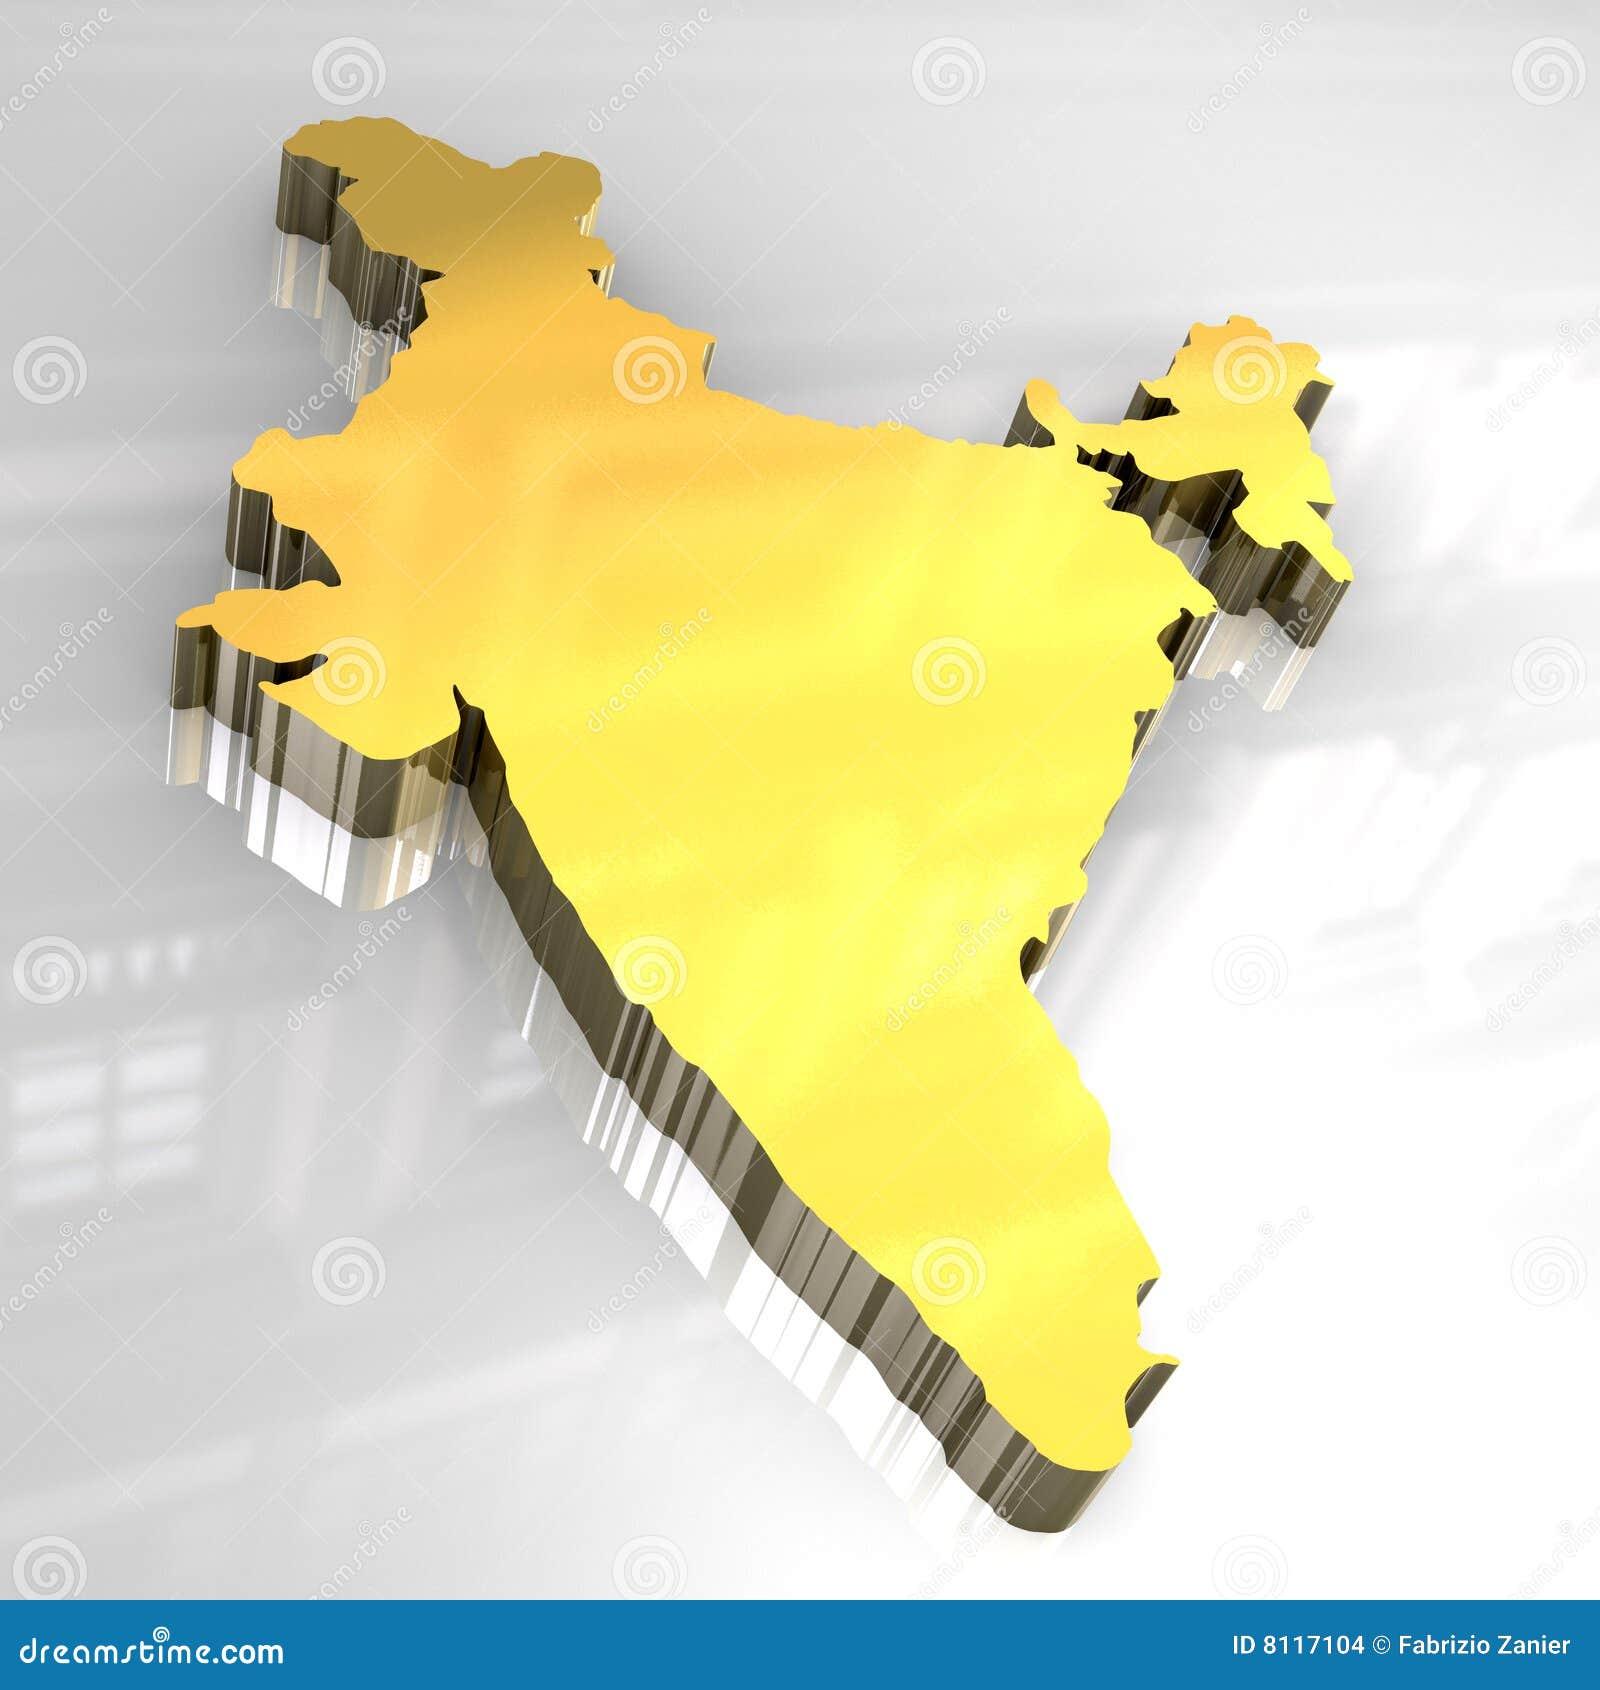 Web Design Contest In India